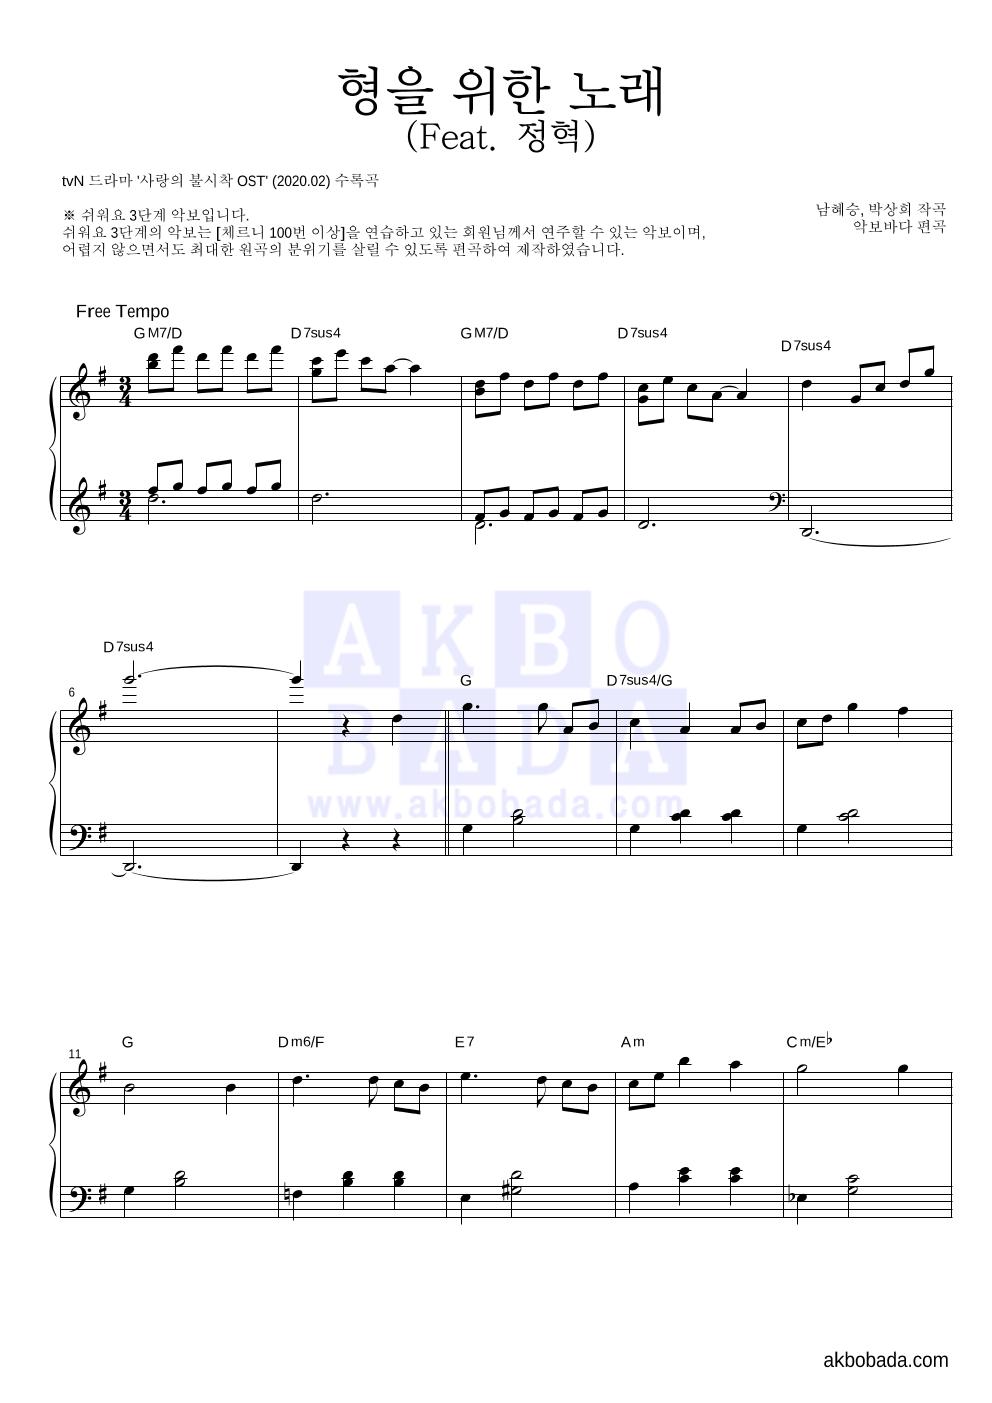 사랑의 불시착 OST - 형을 위한 노래 (Feat. 정혁) 피아노2단-쉬워요 악보